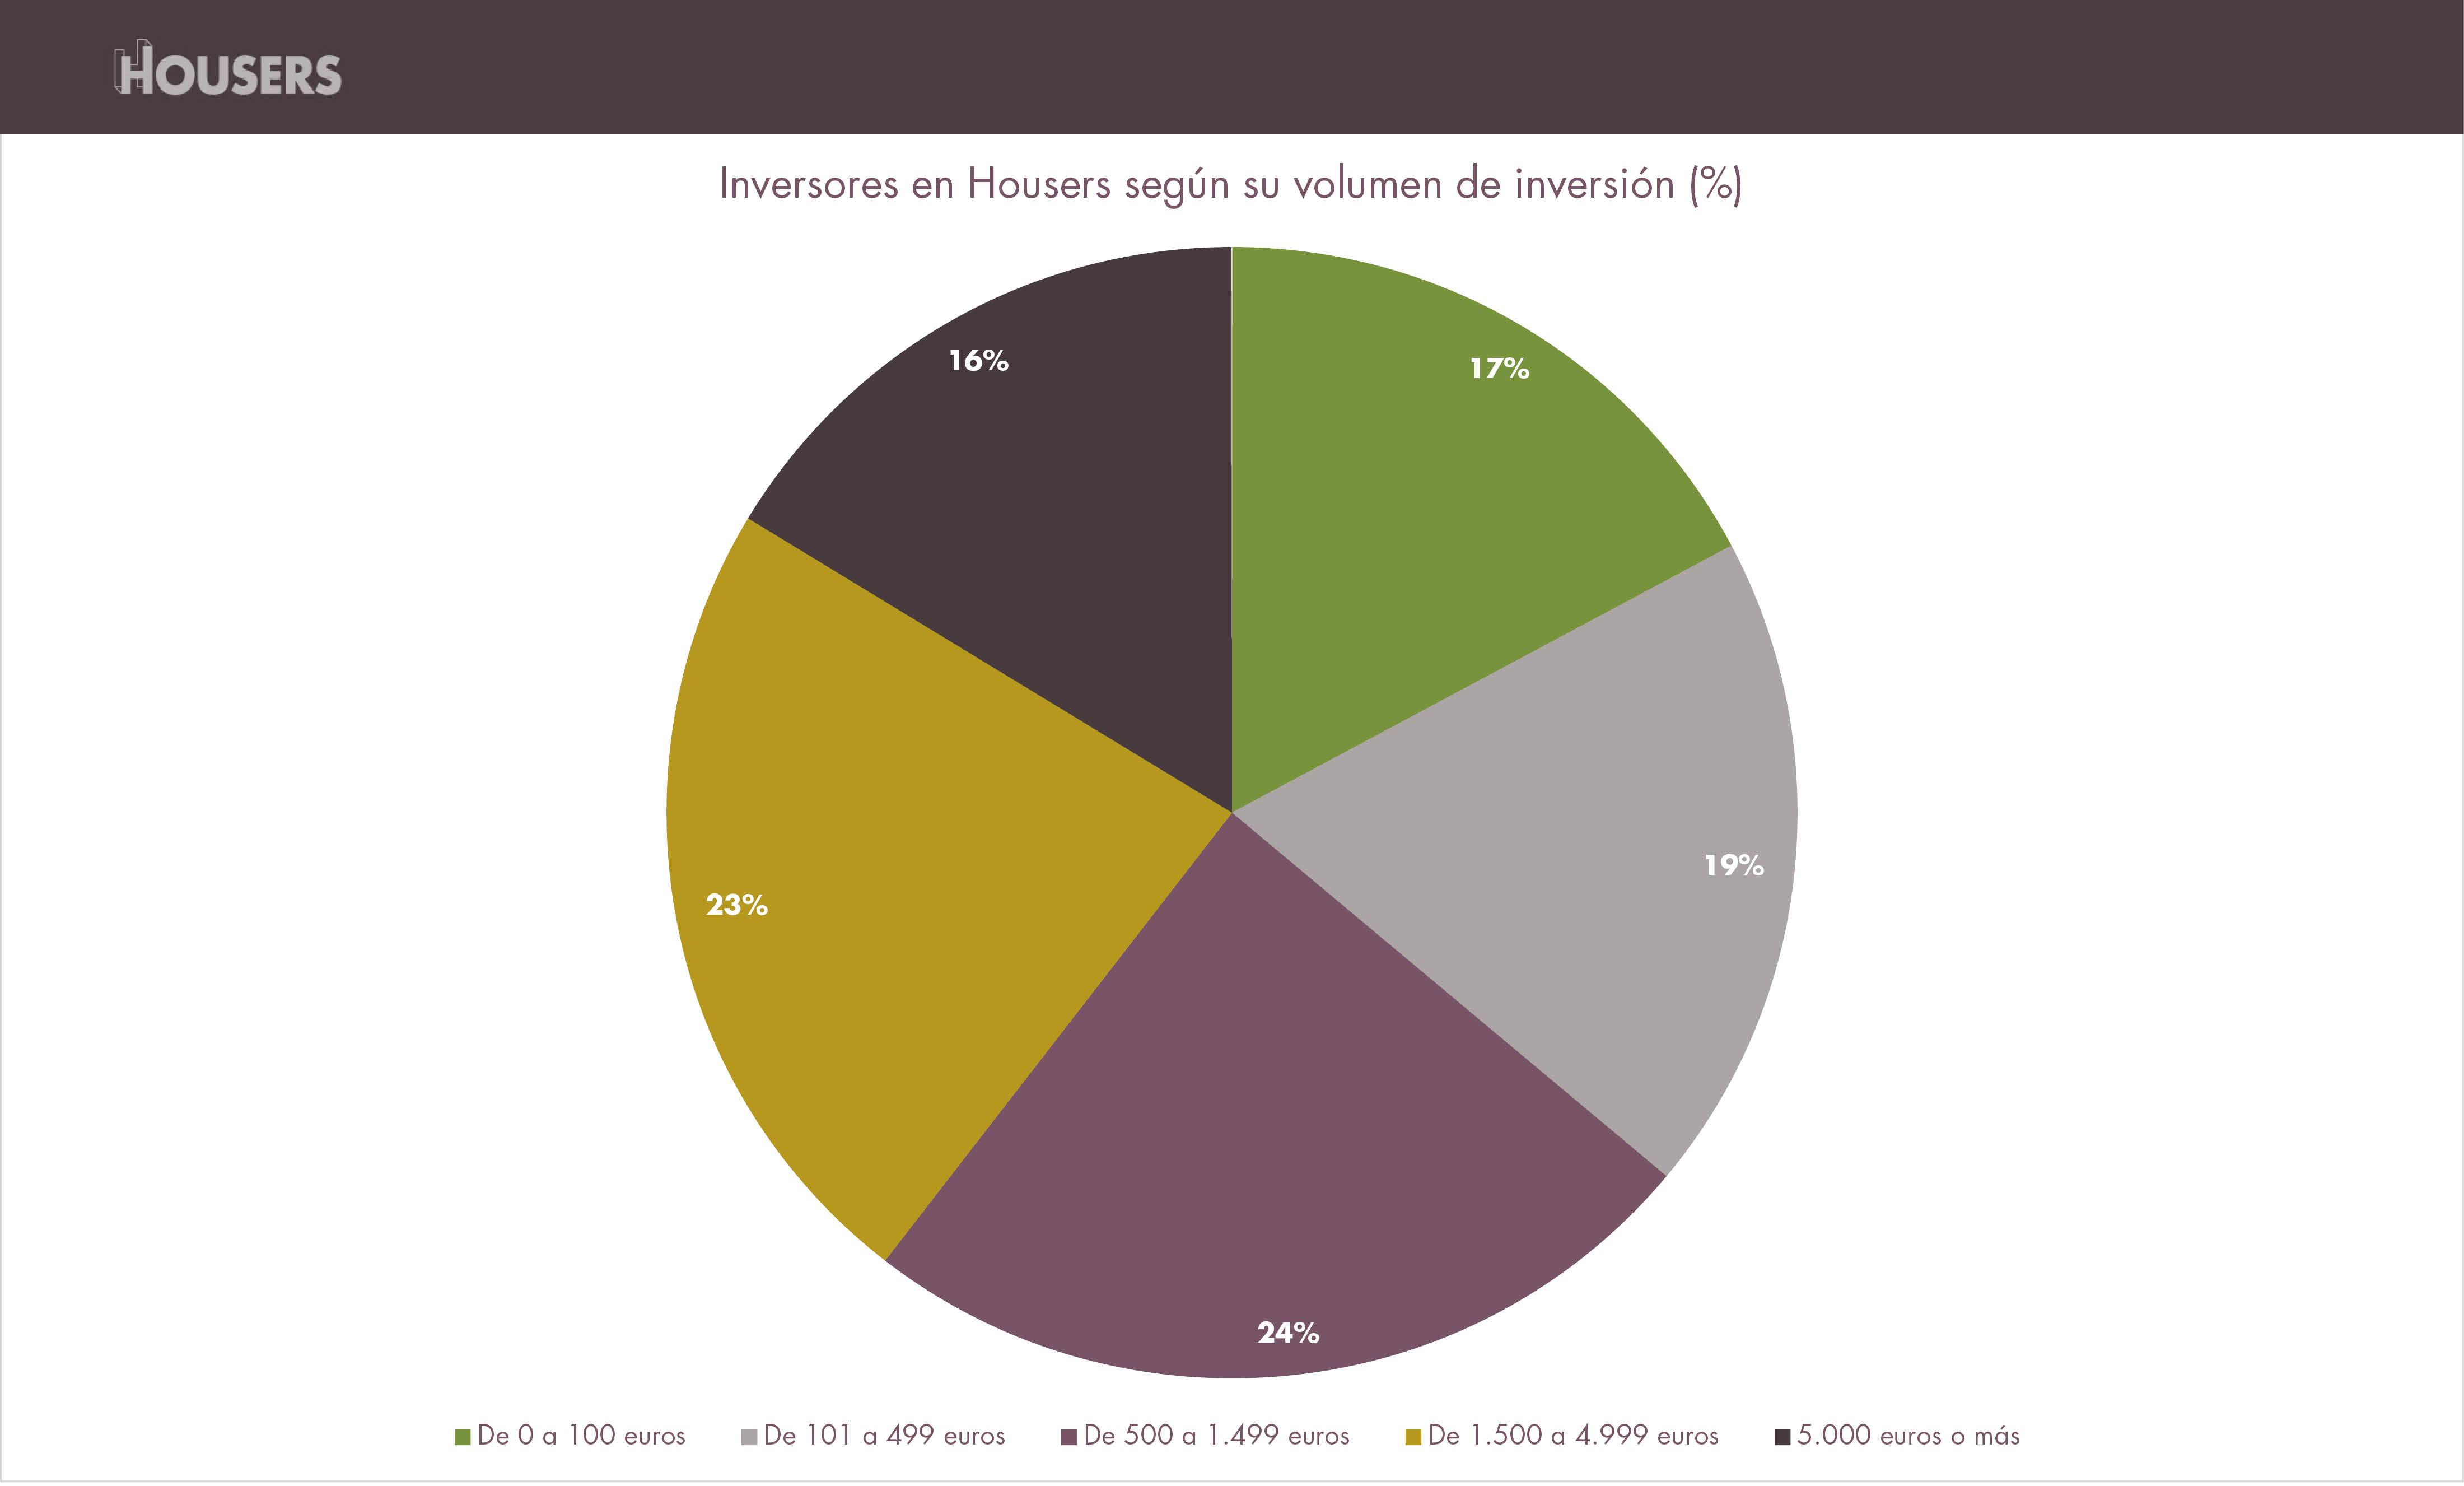 opiniones housers inversores segun volumen de inversion enero 2017 estadisticas housers